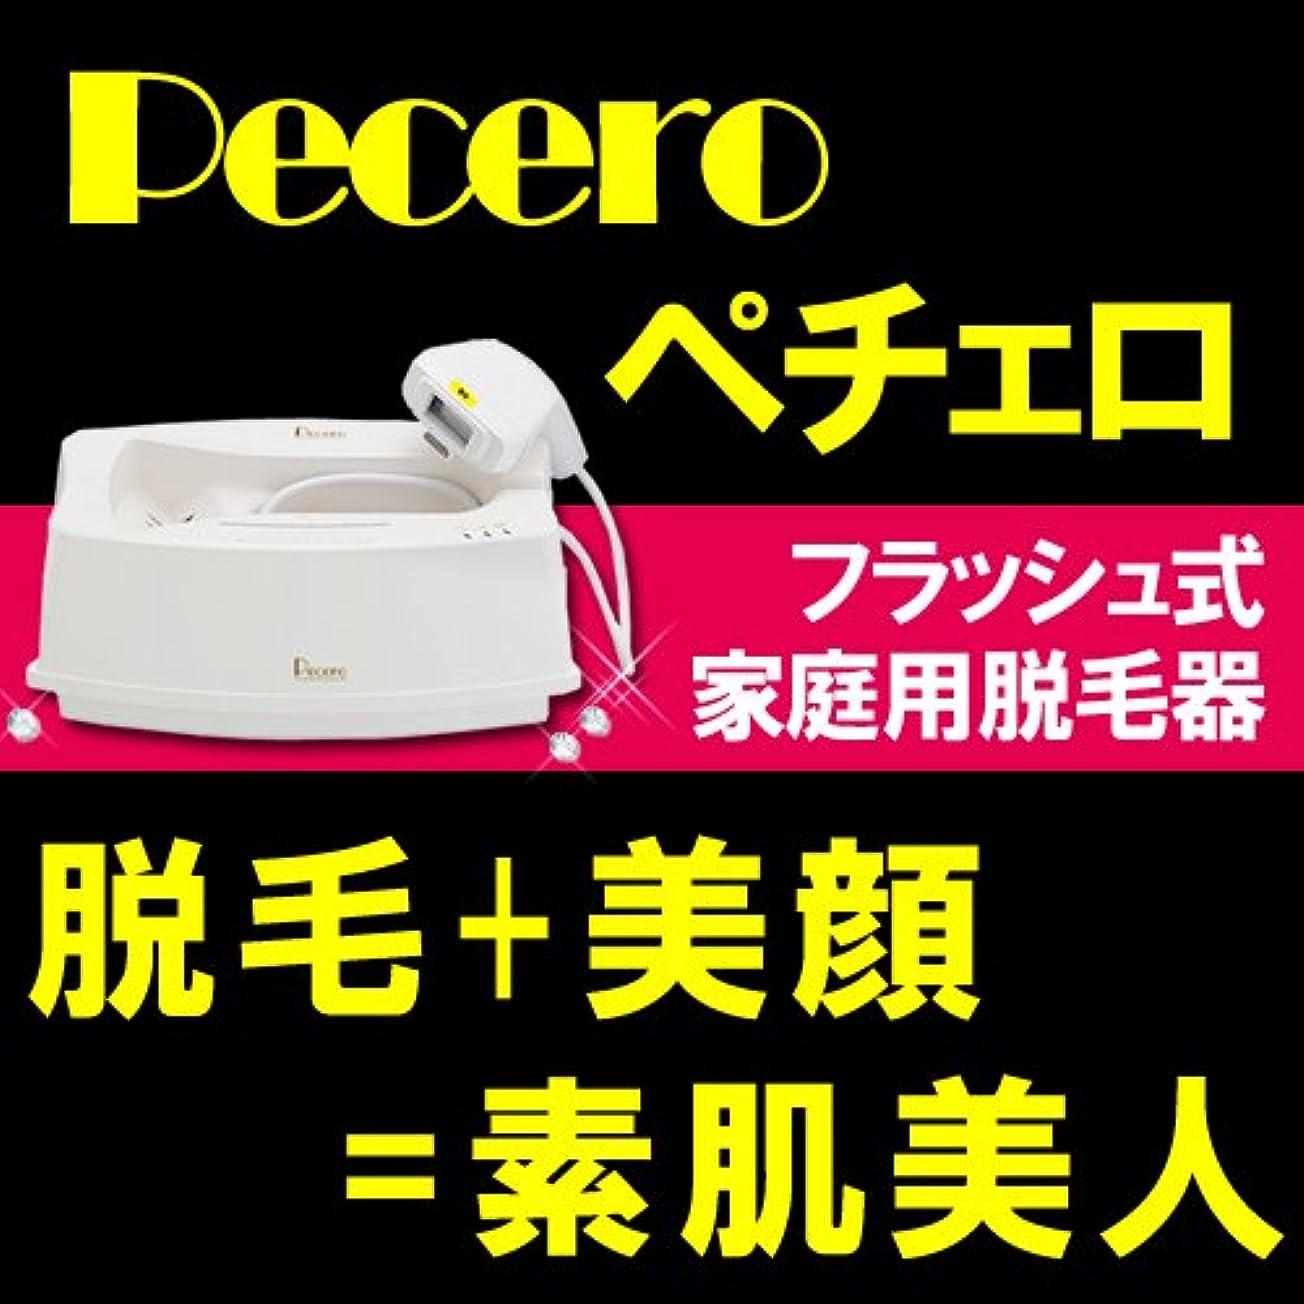 ブース復活する出発する家庭用脱毛器ペチェロ(pecero)